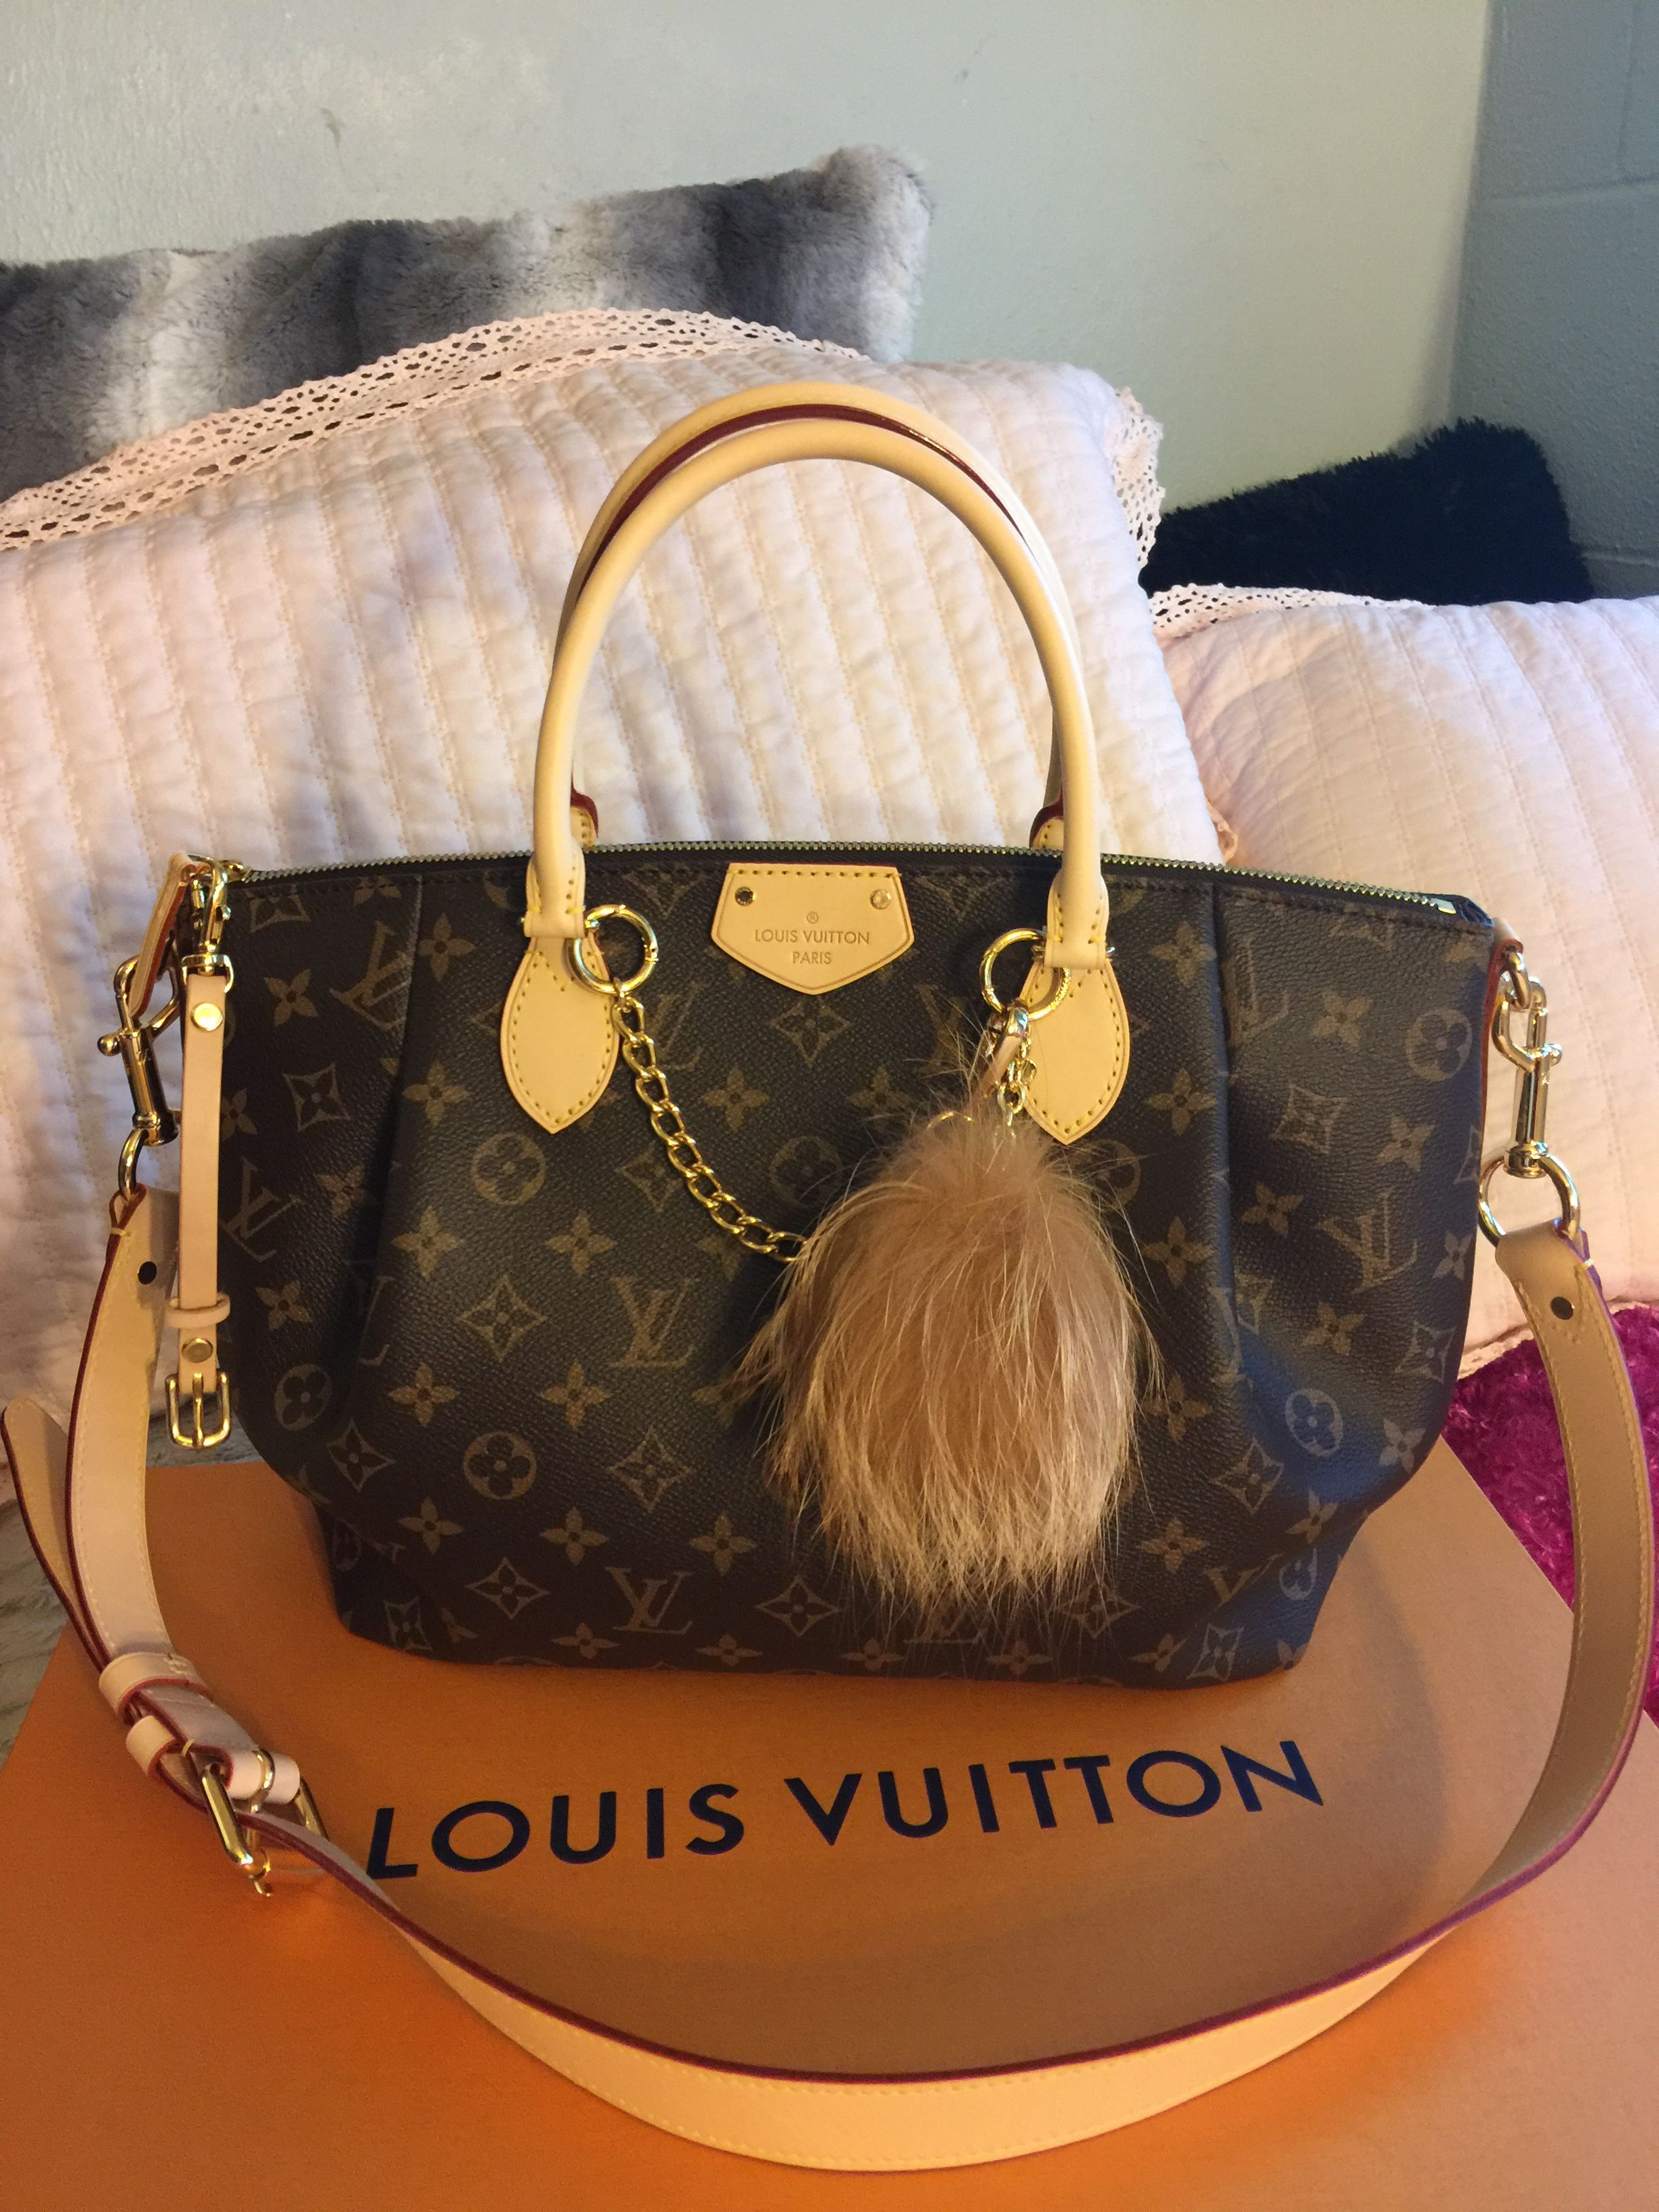 Louis Vuitton Turenne MM Monogram Print   My Louis V LOVE   Louis ... e4ee3ffb27f